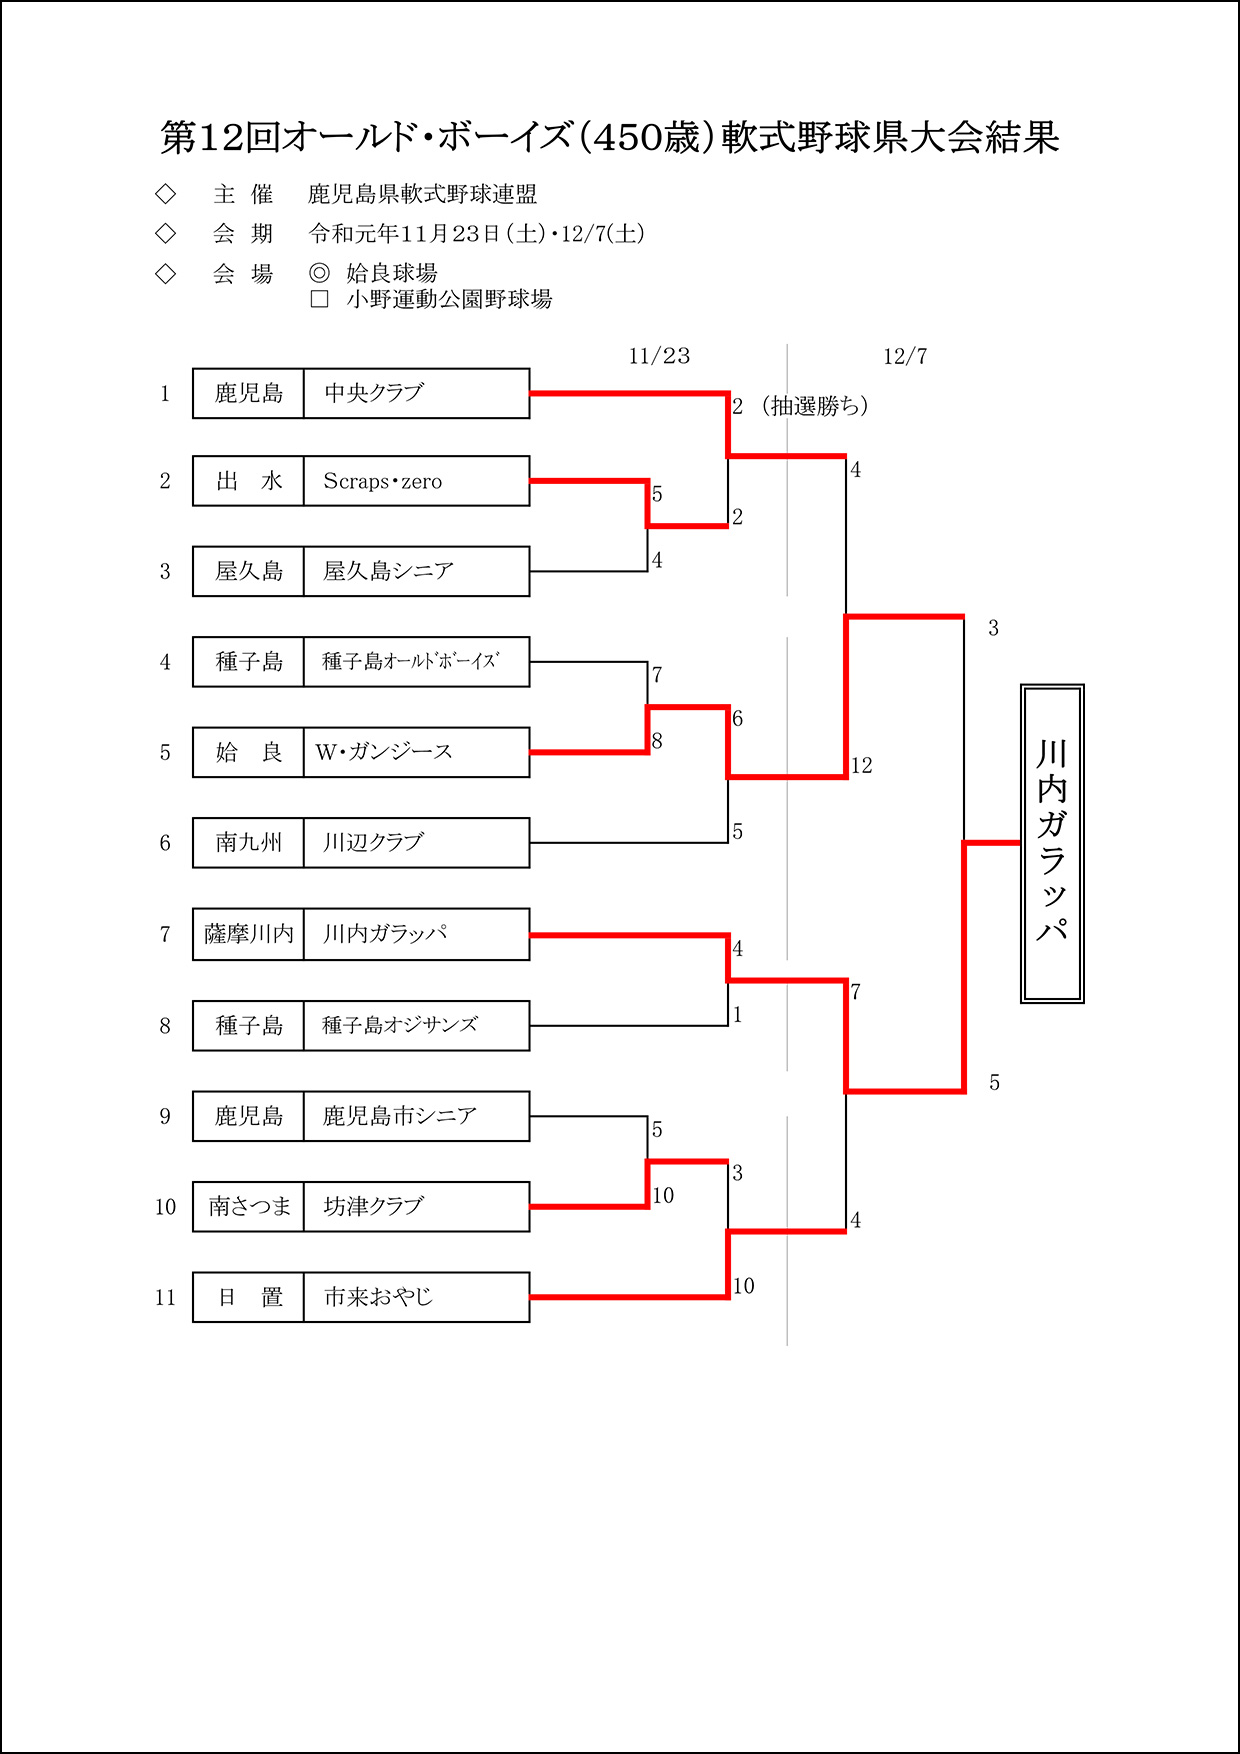 【結果】第12回オールド・ボーイズ(450歳)軟式野球県大会